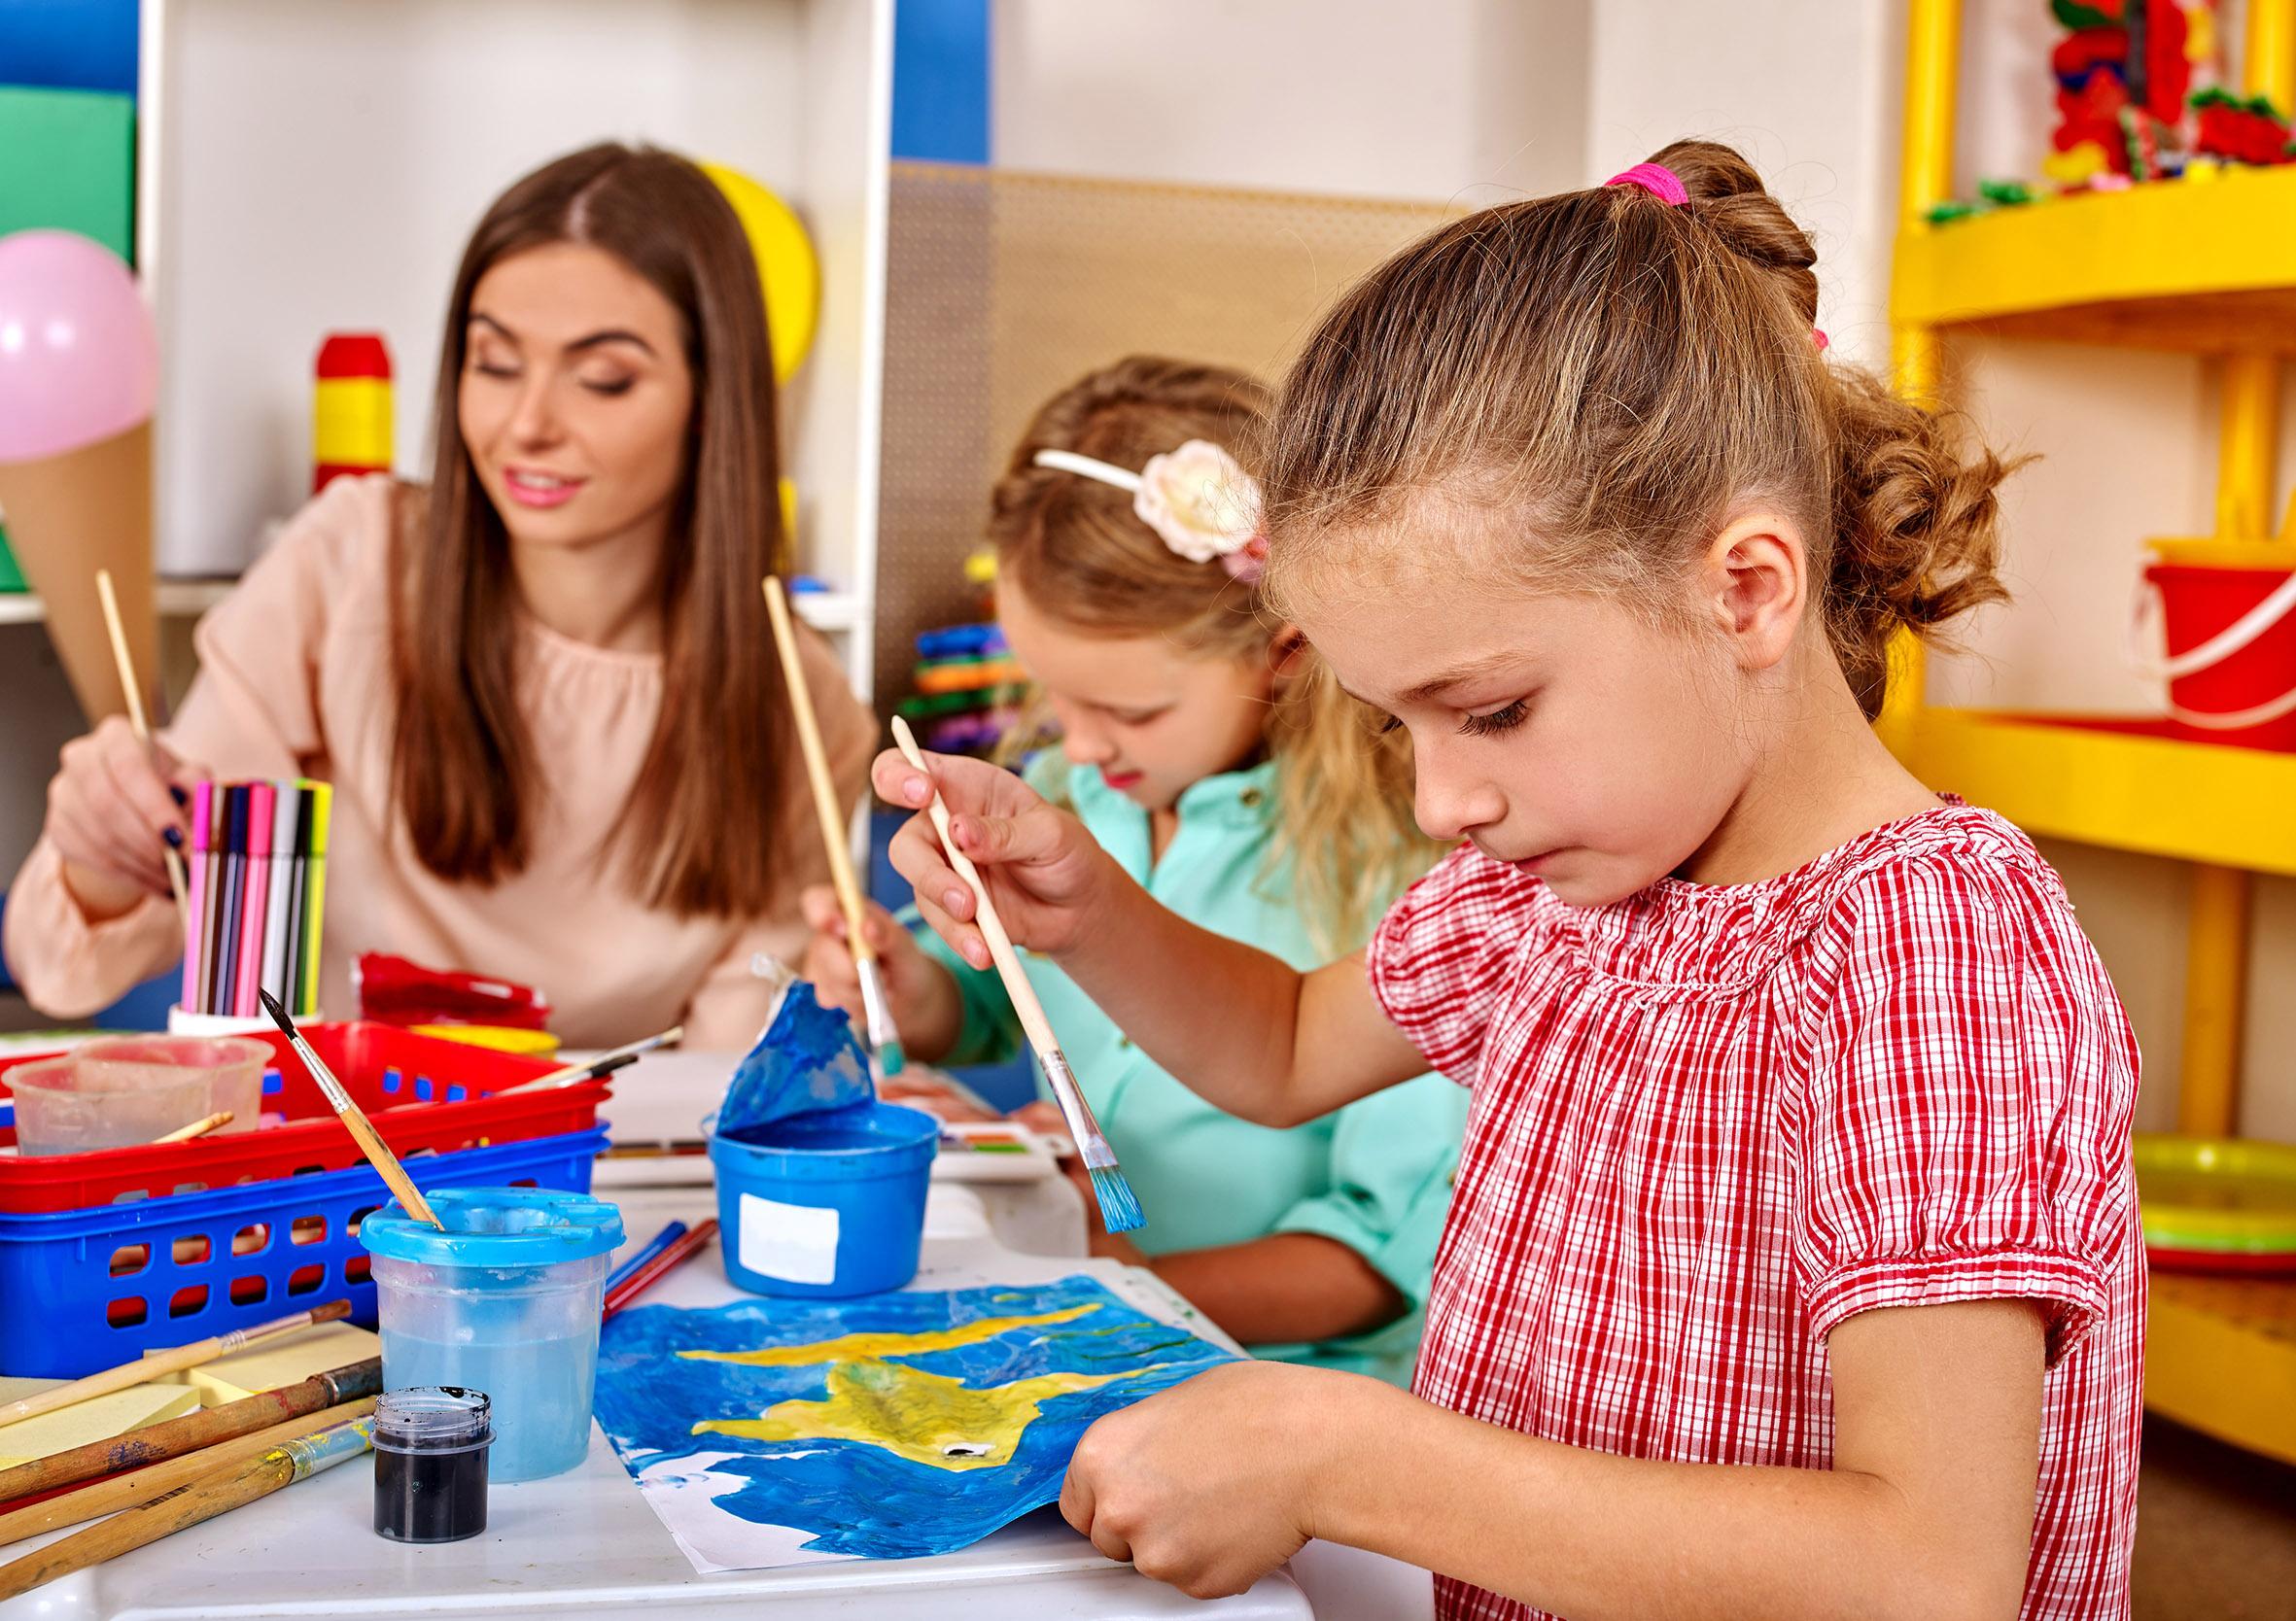 Centro Commerciale La favorita di Mantova: Un progetto per valorizzare il mondo della scuola